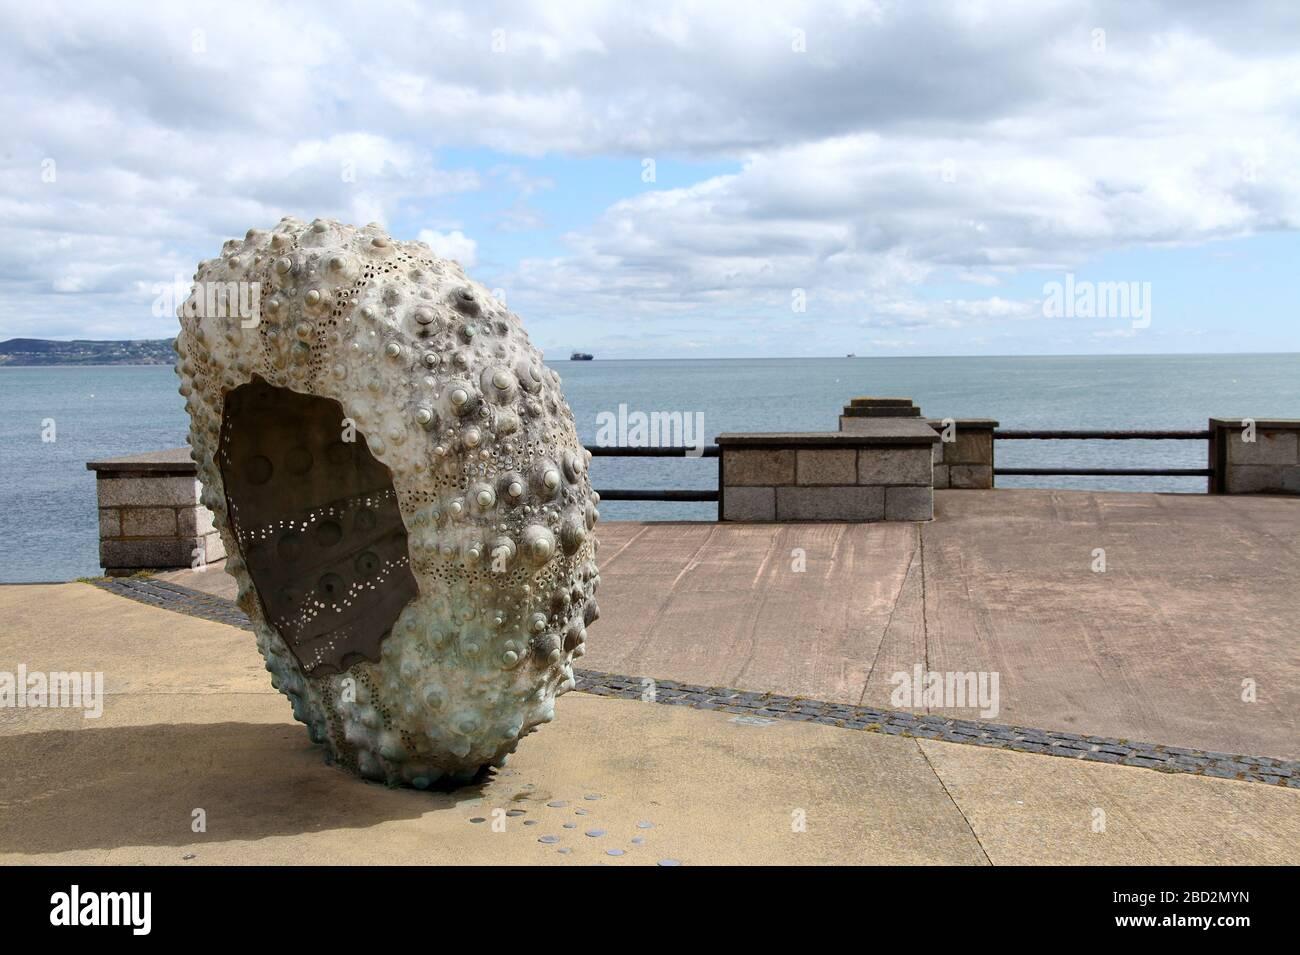 Escultura de erizos de mar llamada Patria por Rachel Joynt en la costa sur de Irlanda Foto de stock